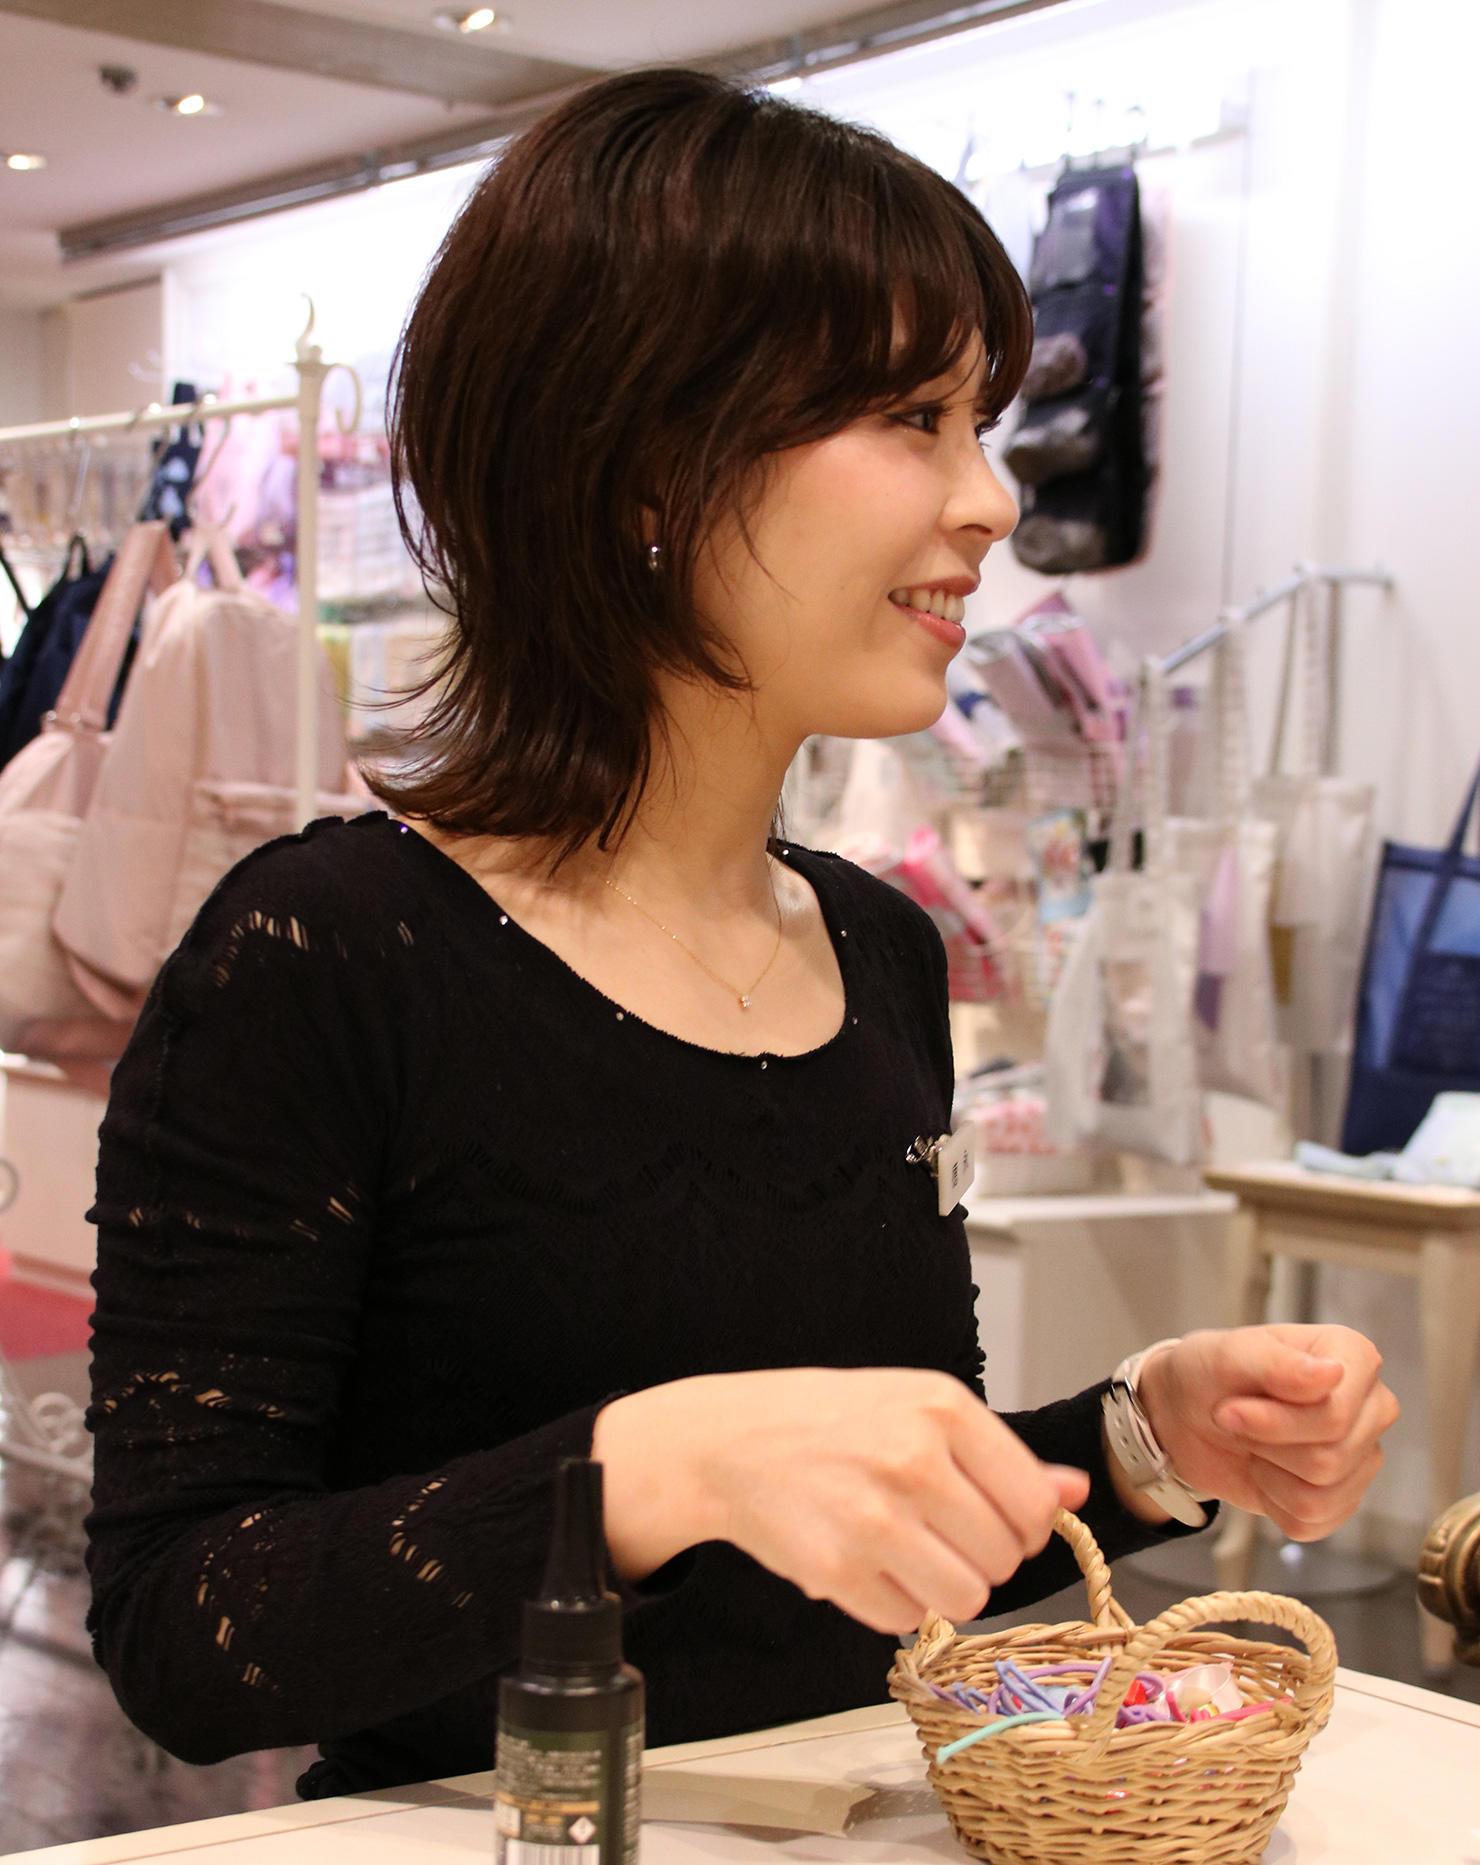 interview_tokunaga_005.jpg